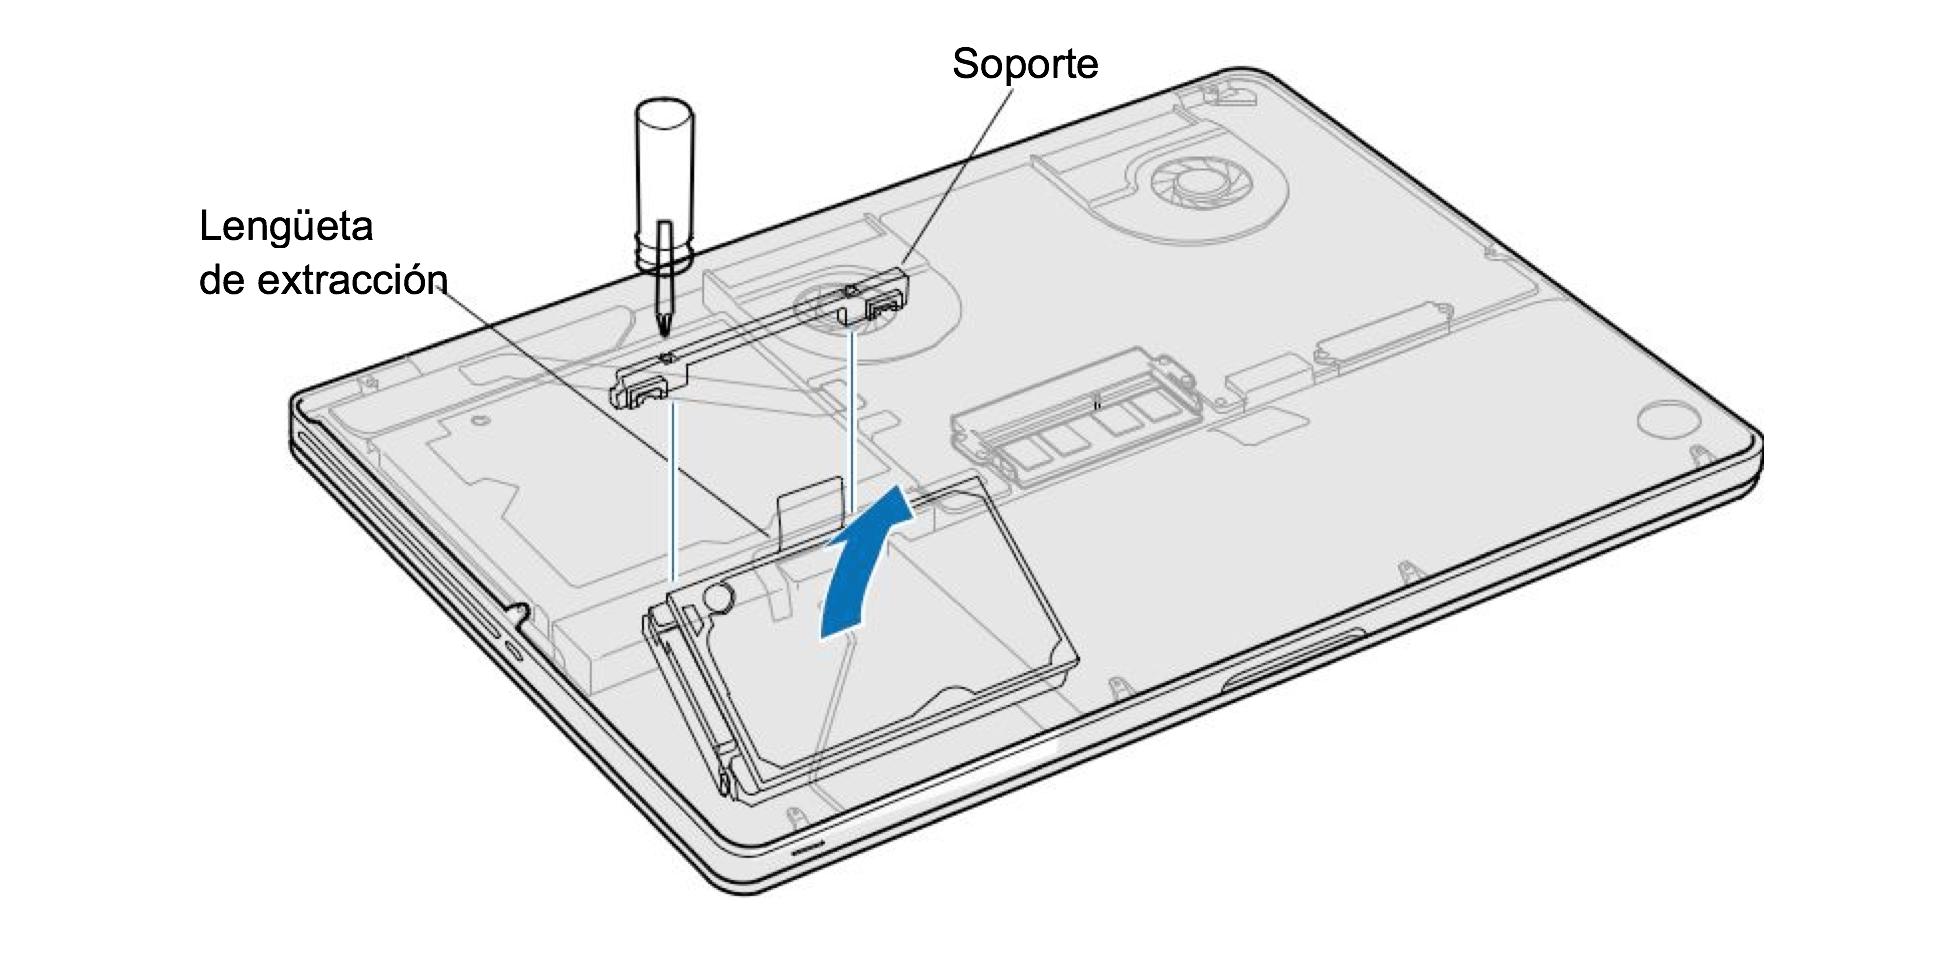 Pasos para sustituir o reemplazar el disco duro de tu Macbook Pro